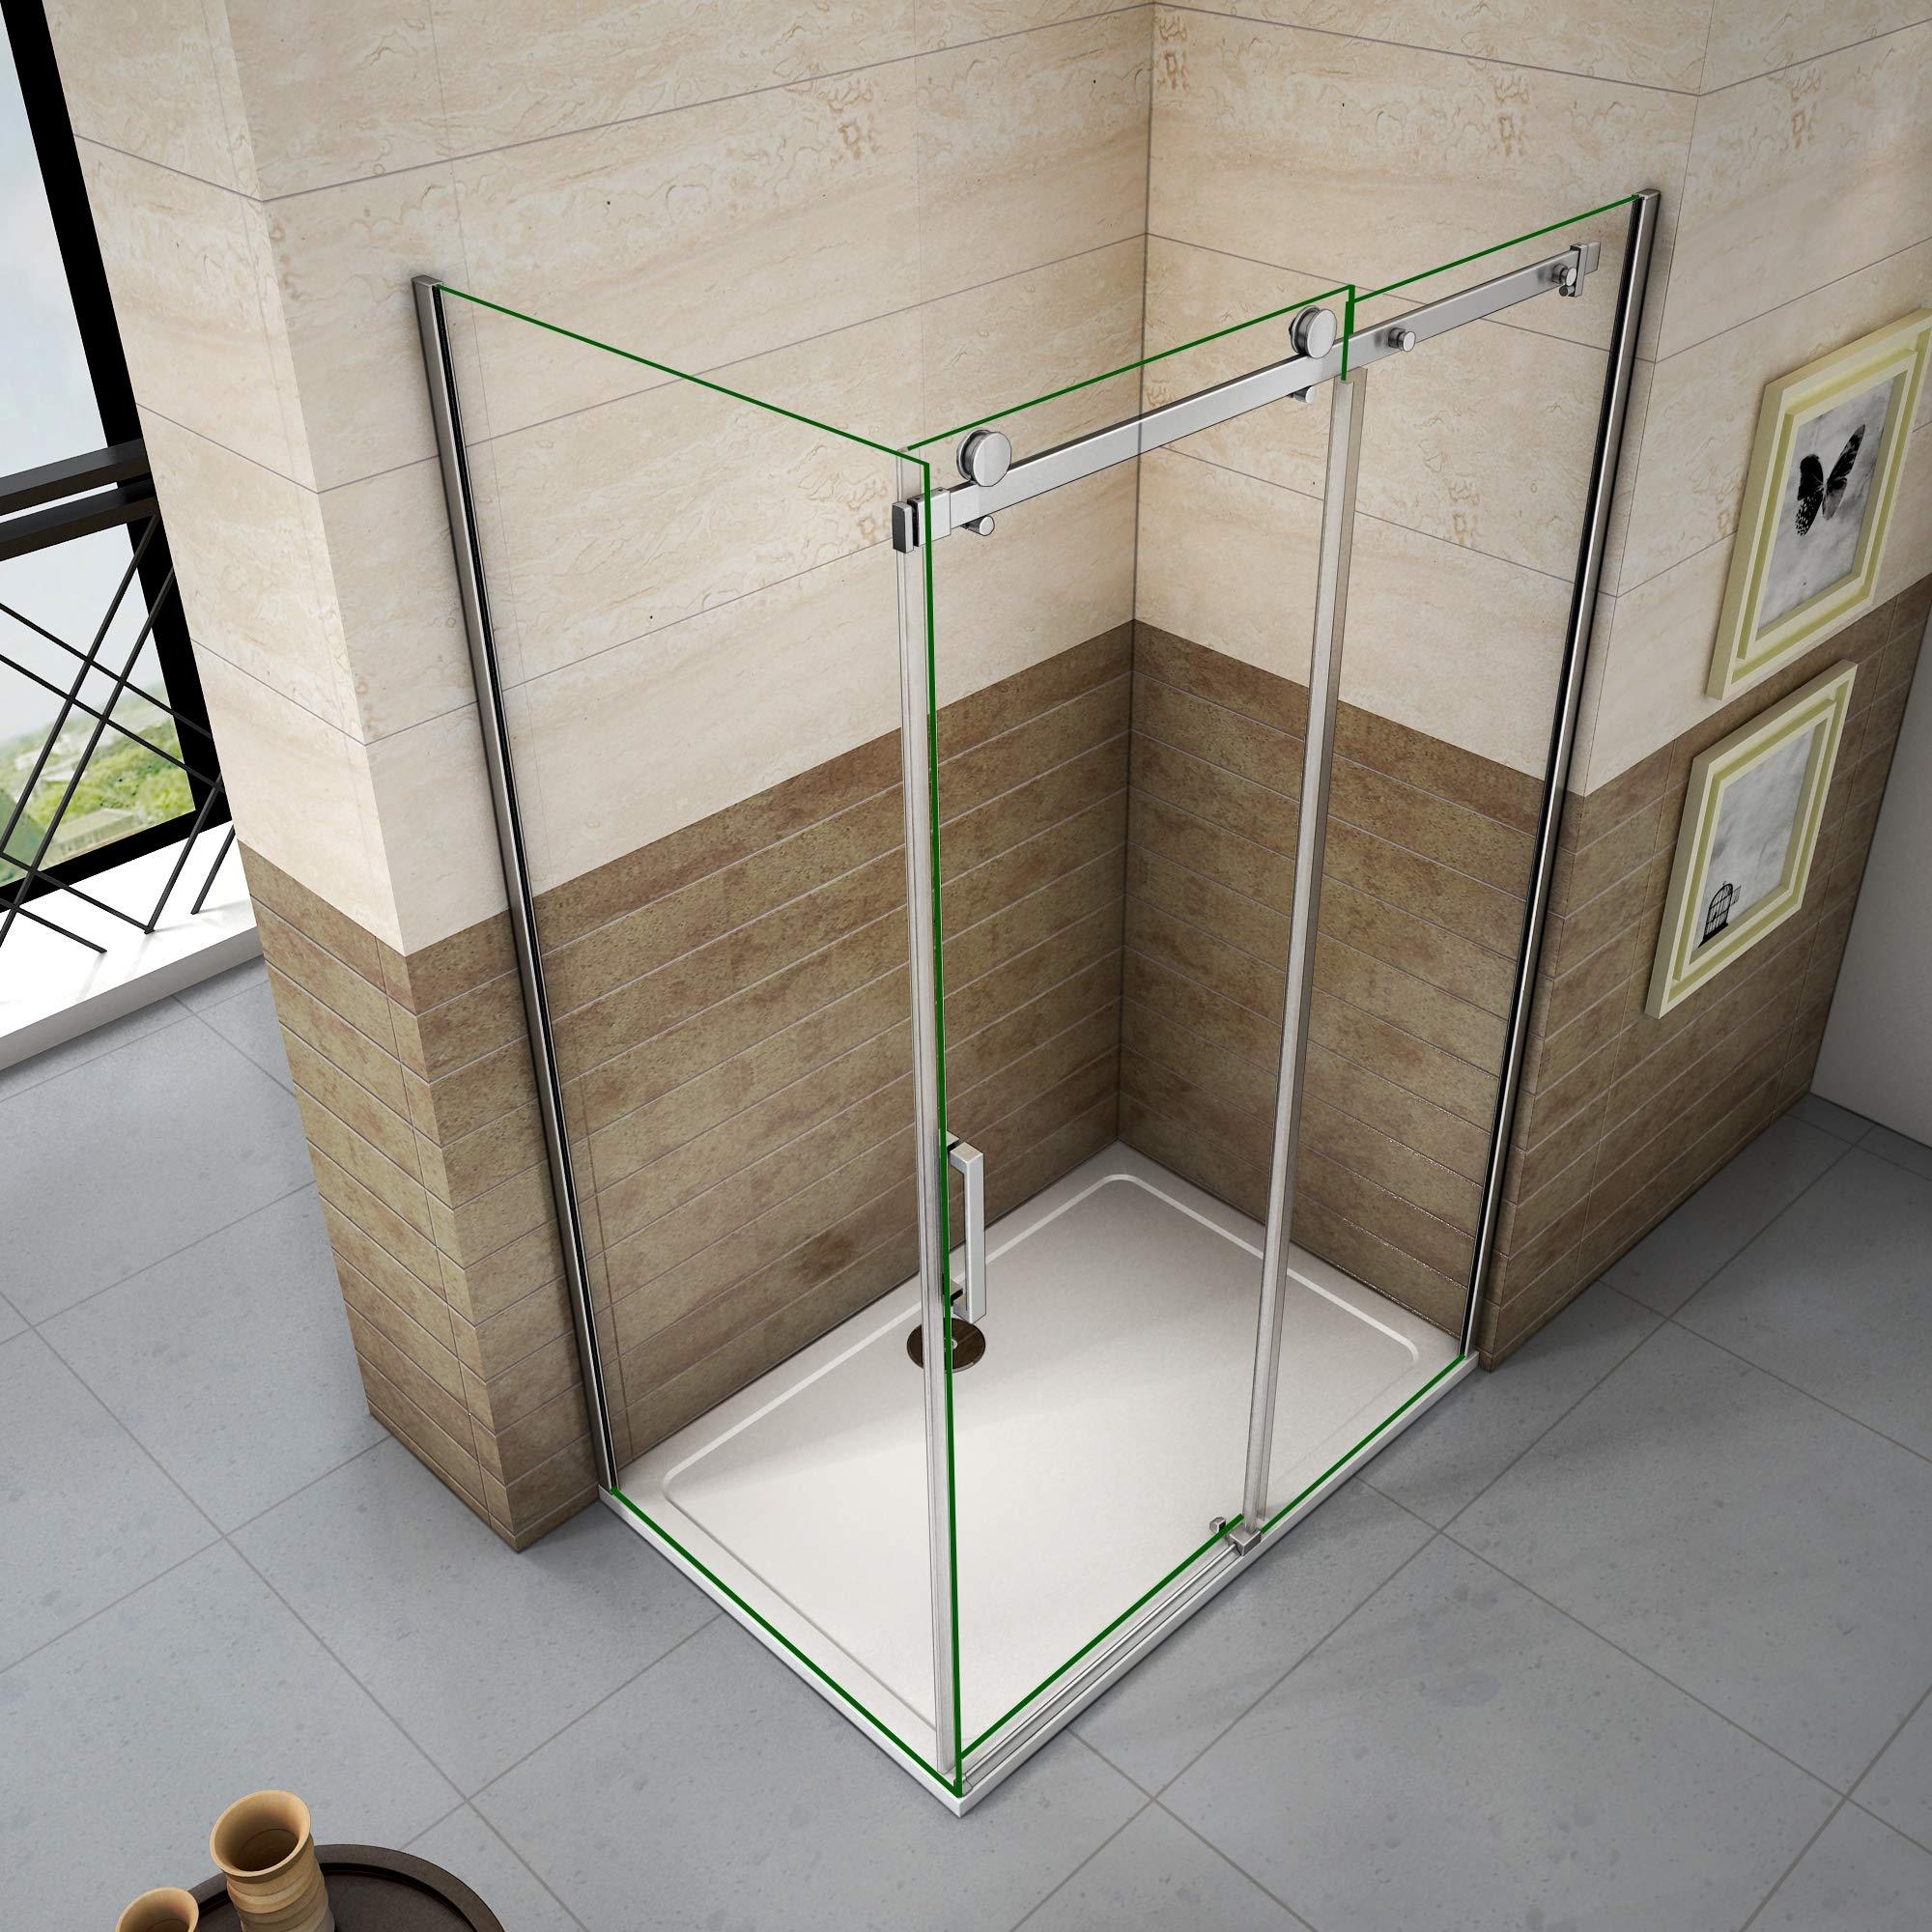 100x80x195cm Mamparas de ducha cabina de ducha 8mm vidrio templado de Aica: Amazon.es: Bricolaje y herramientas